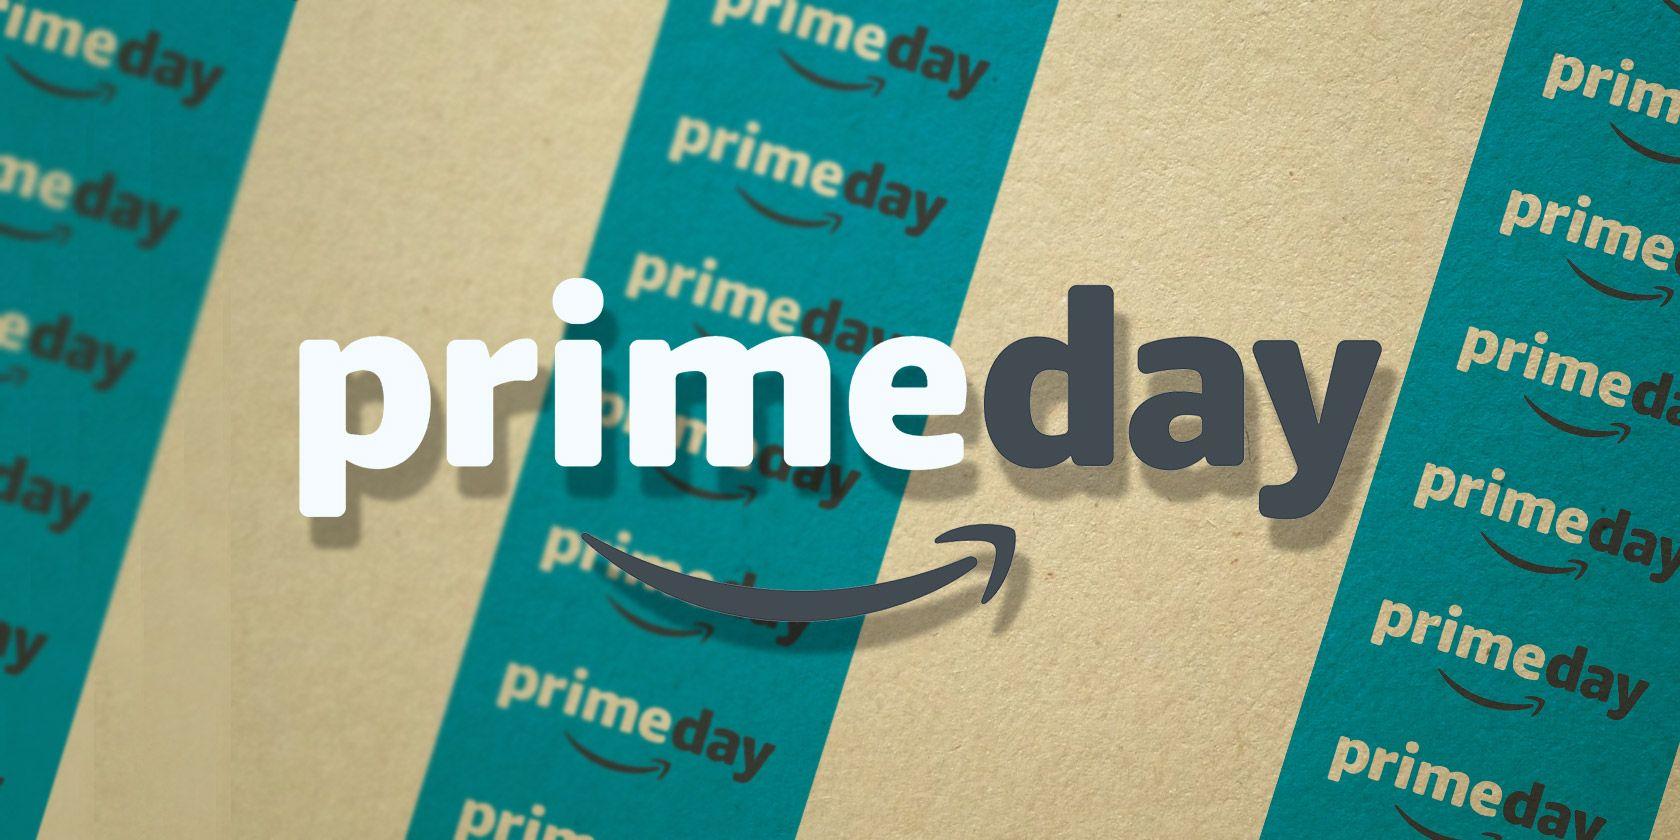 Amazon-premijera-dan-whatis